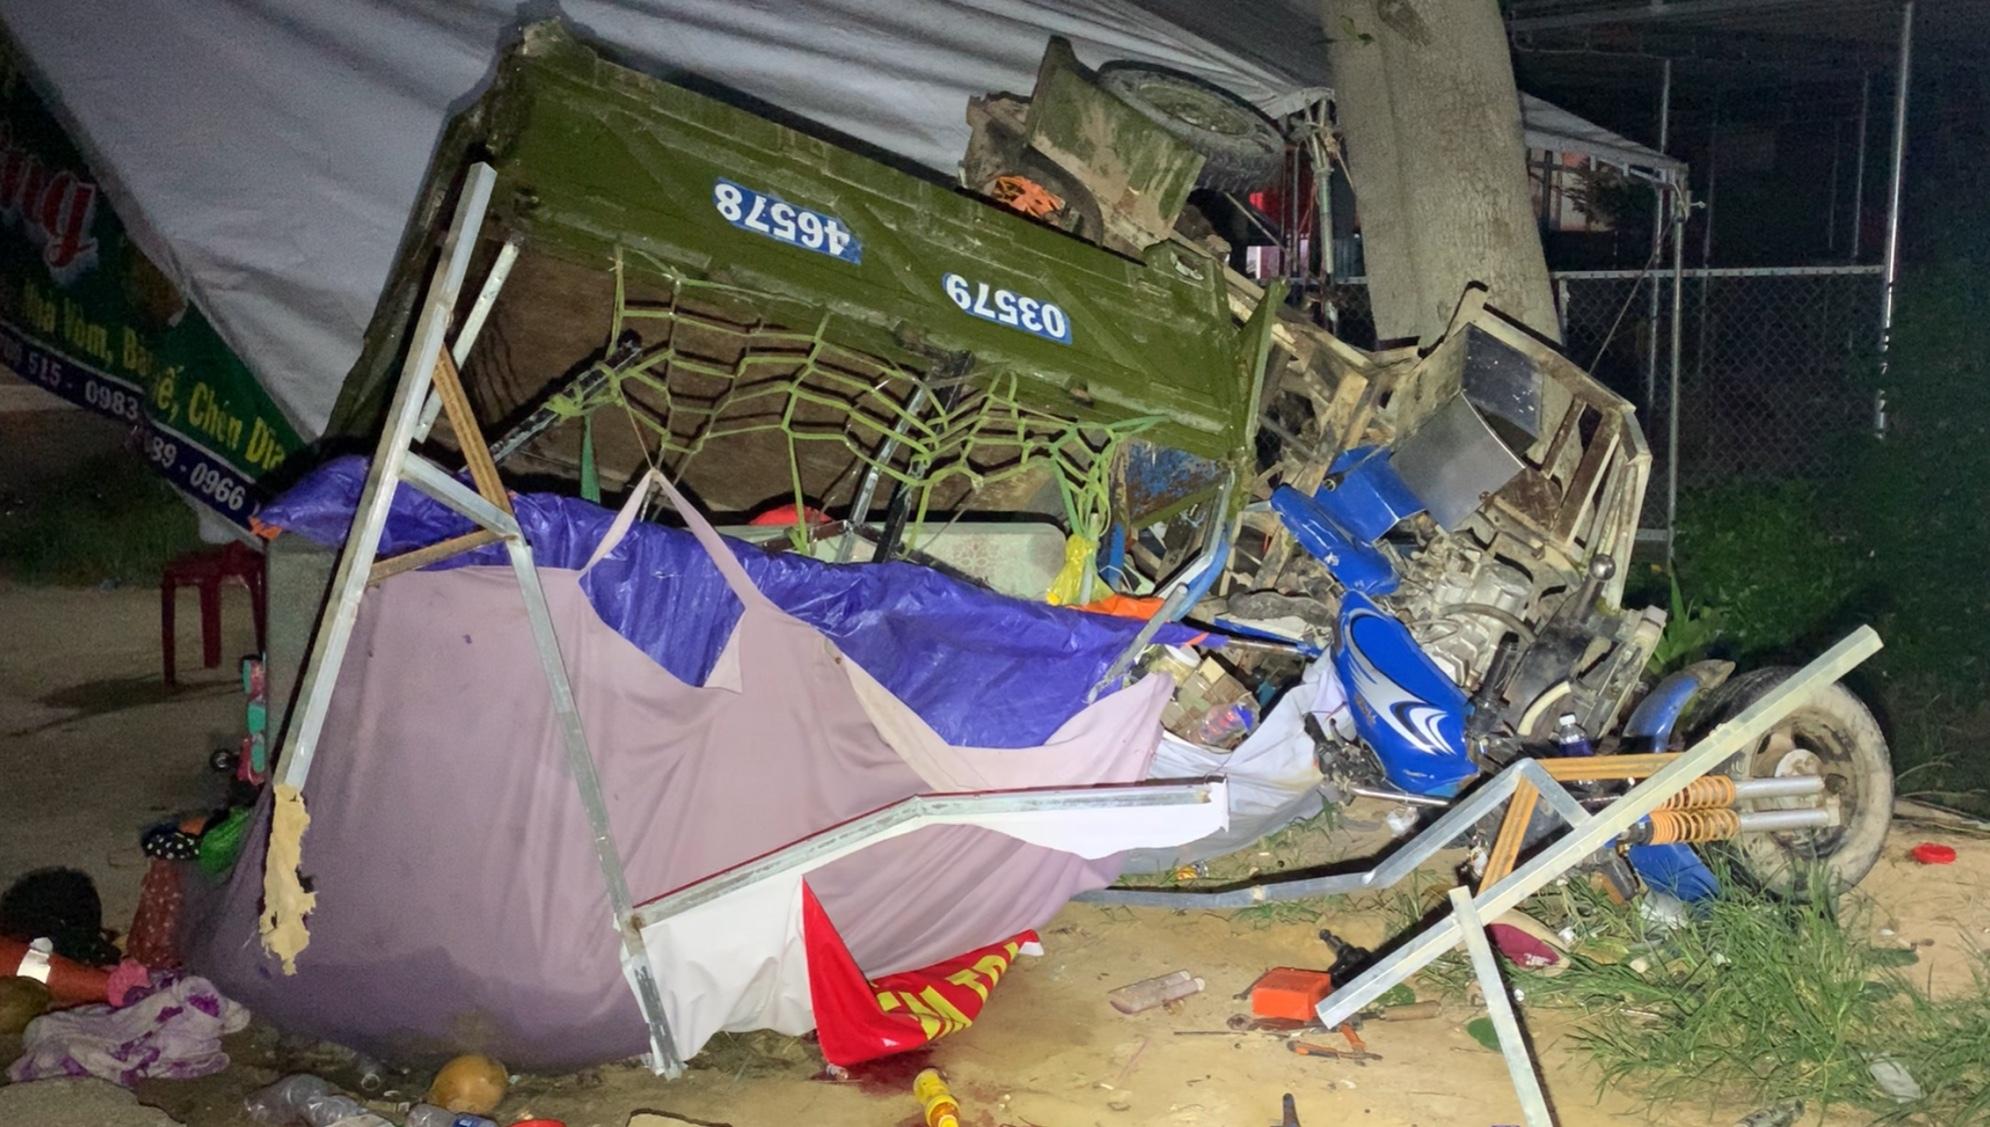 Chiếc ba gác chở cả nhà ông Sơn về quê gặp nạn tại Hàm Tân, Bình Thuận, đêm 31/7. Ảnh: Tư Huynh.